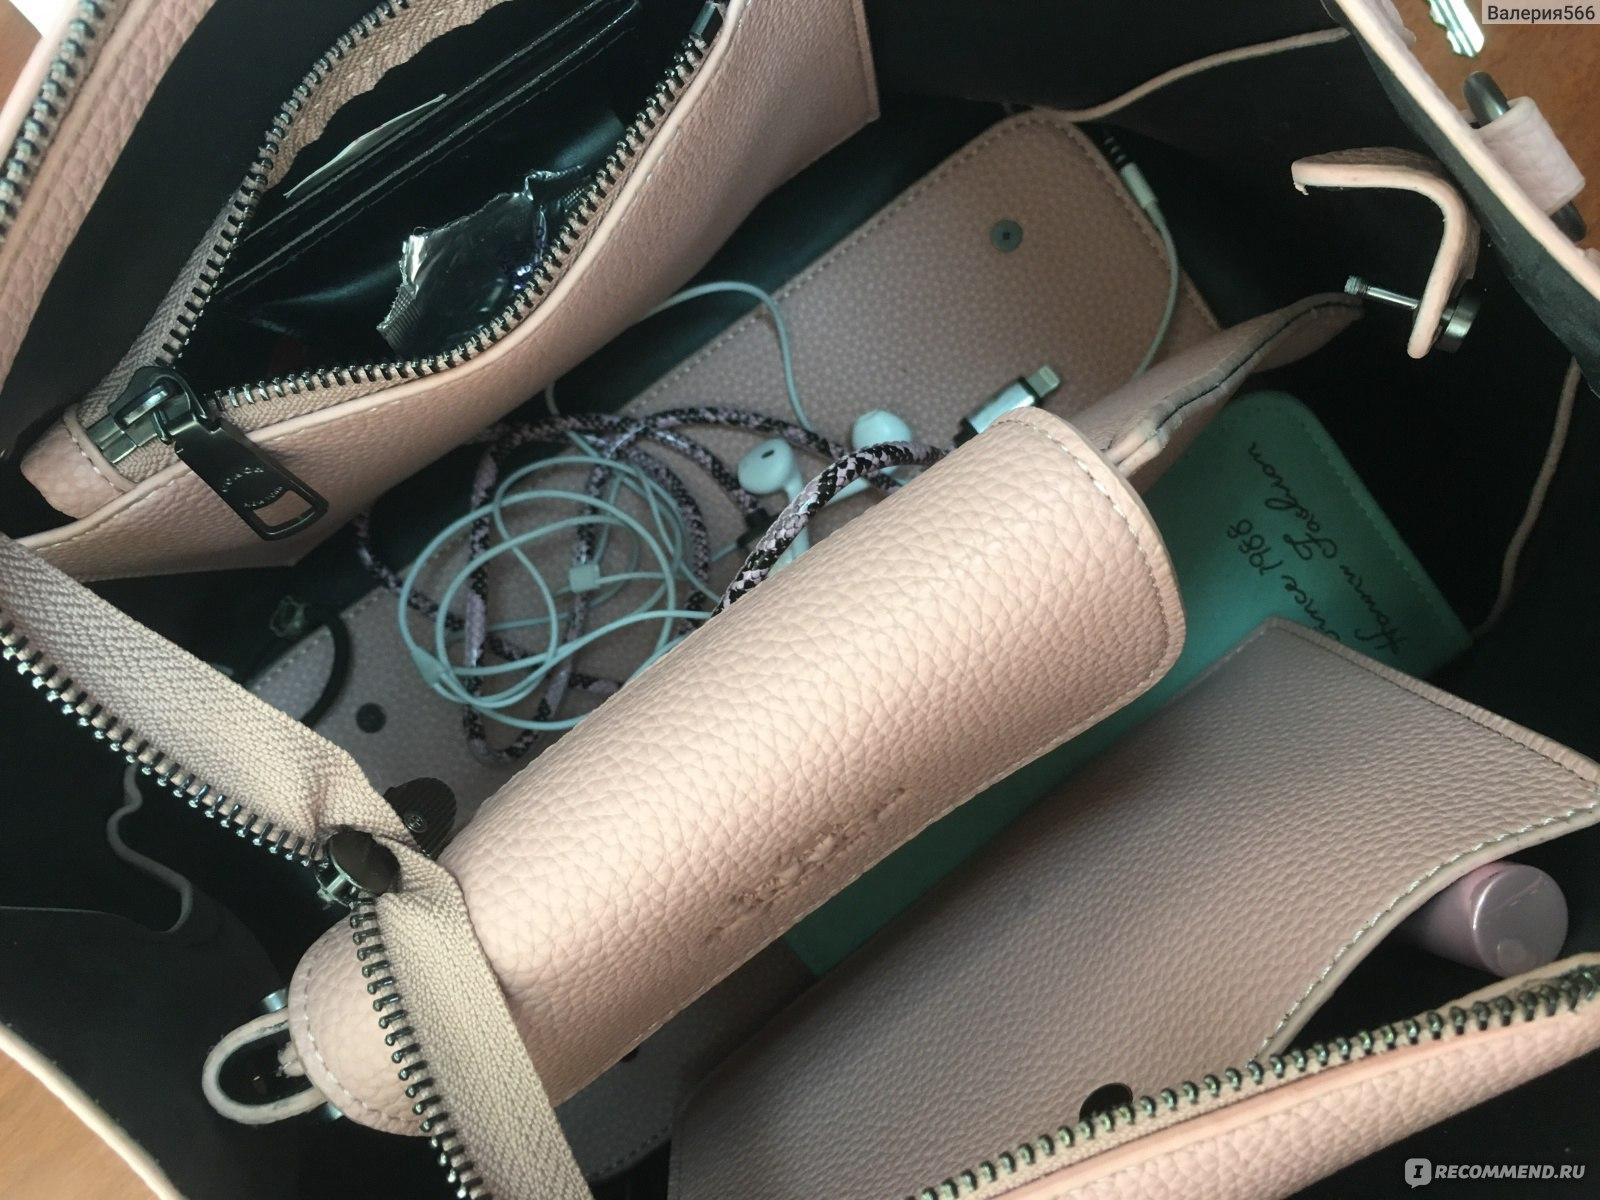 Сумка Coach - «Великолепная сумка. Вместительная. Шикарный выбор ... ab07104630f